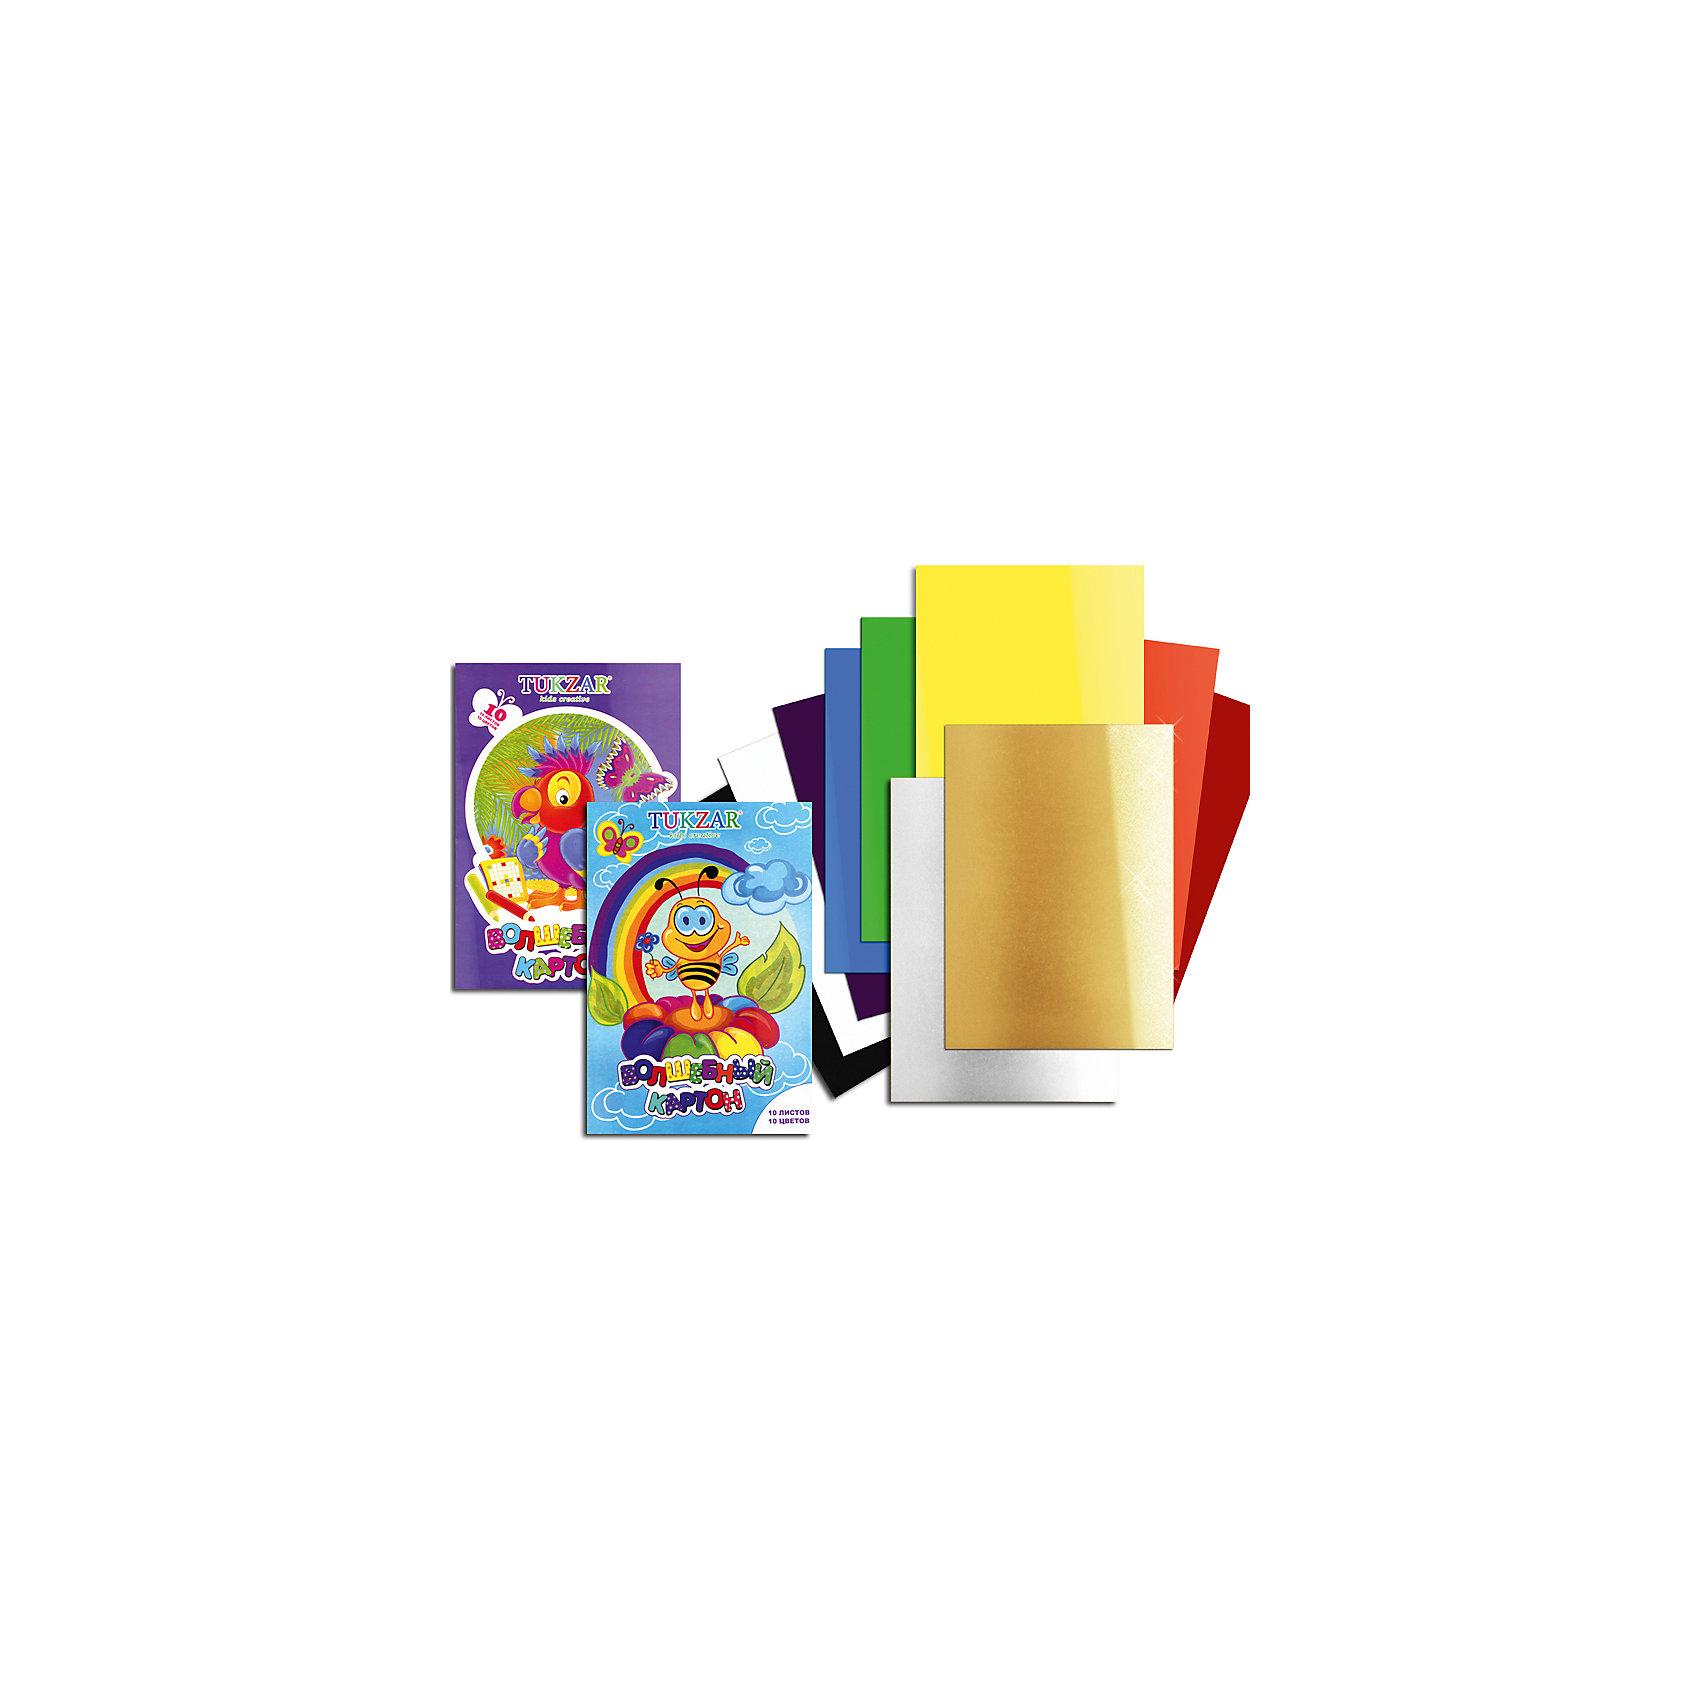 Цветной картон Волшебный А4, 10 цветов, 10 листовБумажная продукция<br>Цветной мелованный картон – основа творчества на уроках труда в школе. Цветной картон используют для декорирования, моделирования и аппликации. Картон быстро заканчивается, поэтому можно выбрать понравившуюся модель и докупать при необходимости только ее, а не тратить время на поиски новой. Цветная картон «Волшебный» от компании Tukzar  понравится всем детям и их мамам. У бумаги удобная плотность для складывания и разрезания, а так же яркие и насыщенные цвета. Все материалы, использованные при изготовлении, отвечают международным требованиям по качеству и безопасности.<br><br>Дополнительная информация: <br><br>количество цветов: 10 шт;<br>количество листов: 10;<br>формат: А4.<br><br>Цветной мелованный картон «Волшебный» можно приобрести в нашем магазине.<br><br>Ширина мм: 100<br>Глубина мм: 100<br>Высота мм: 10<br>Вес г: 50<br>Возраст от месяцев: 36<br>Возраст до месяцев: 120<br>Пол: Унисекс<br>Возраст: Детский<br>SKU: 4993577